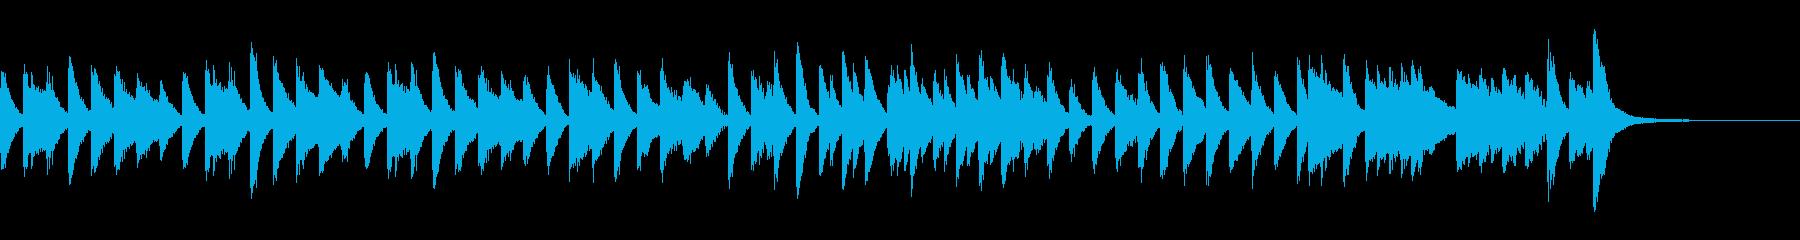 ジプシー風のアップテンポピアノジングルの再生済みの波形